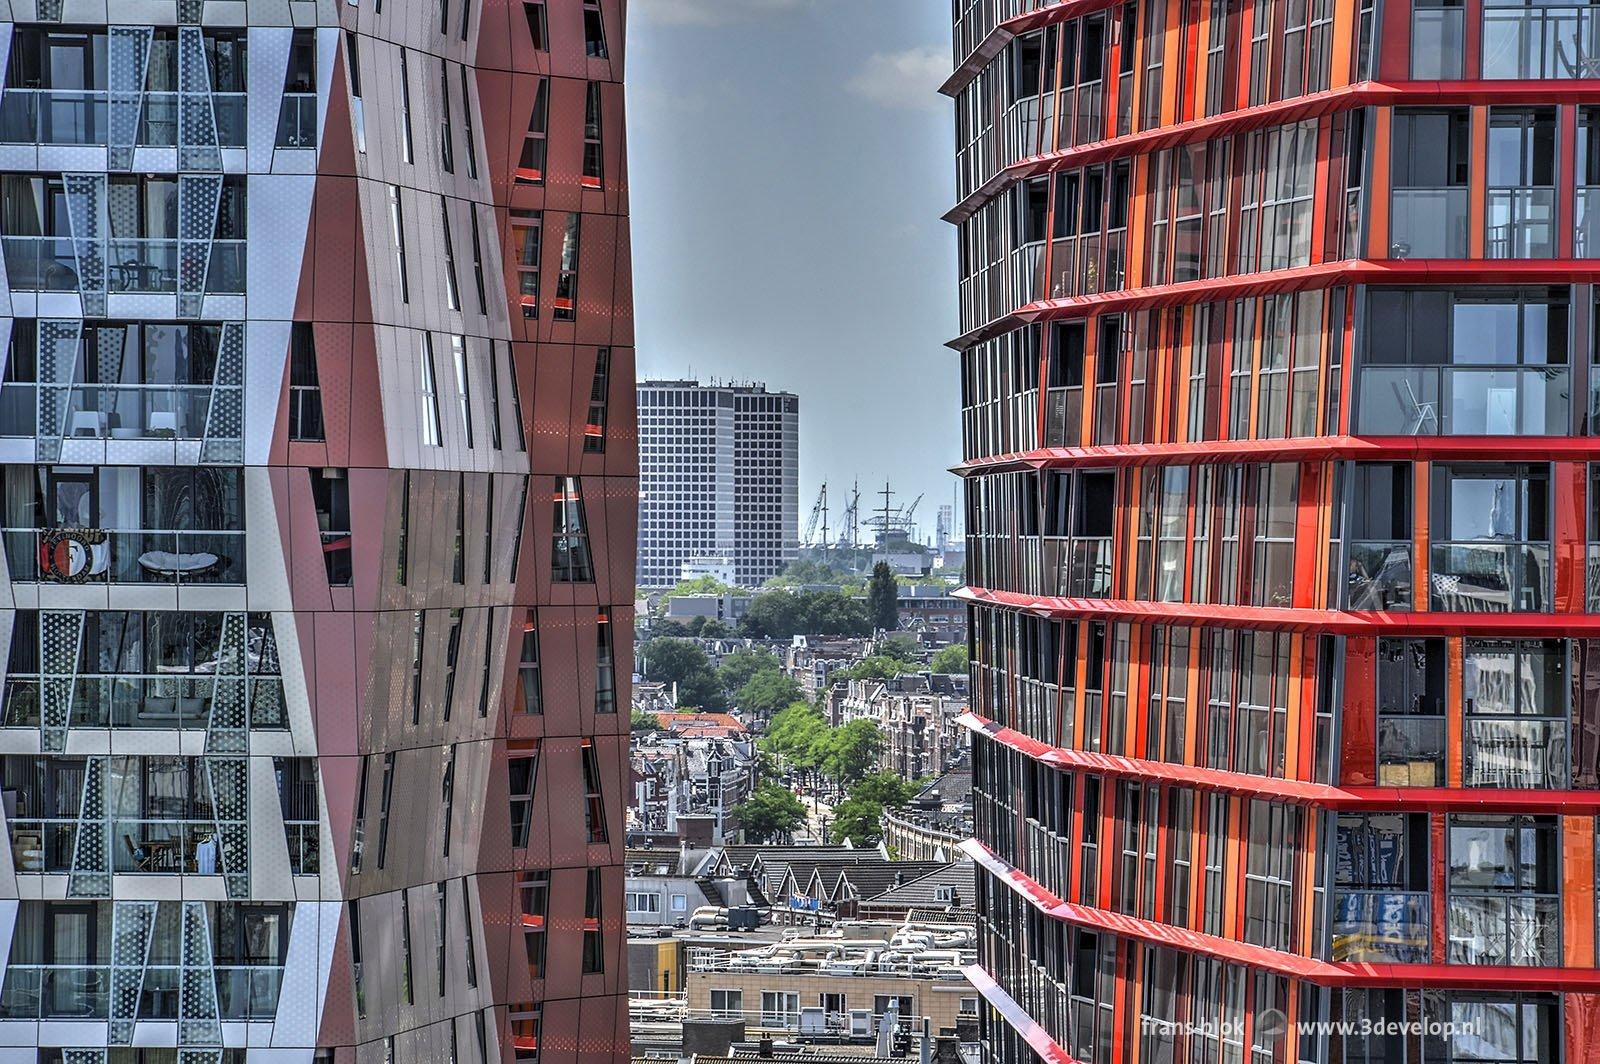 Doorkijkje van een van de Lijnbaanflats tussen twee delen van Calypso door naar de toekomstige Lee Towers tijdens de Rotterdamse Dakendagen 2017